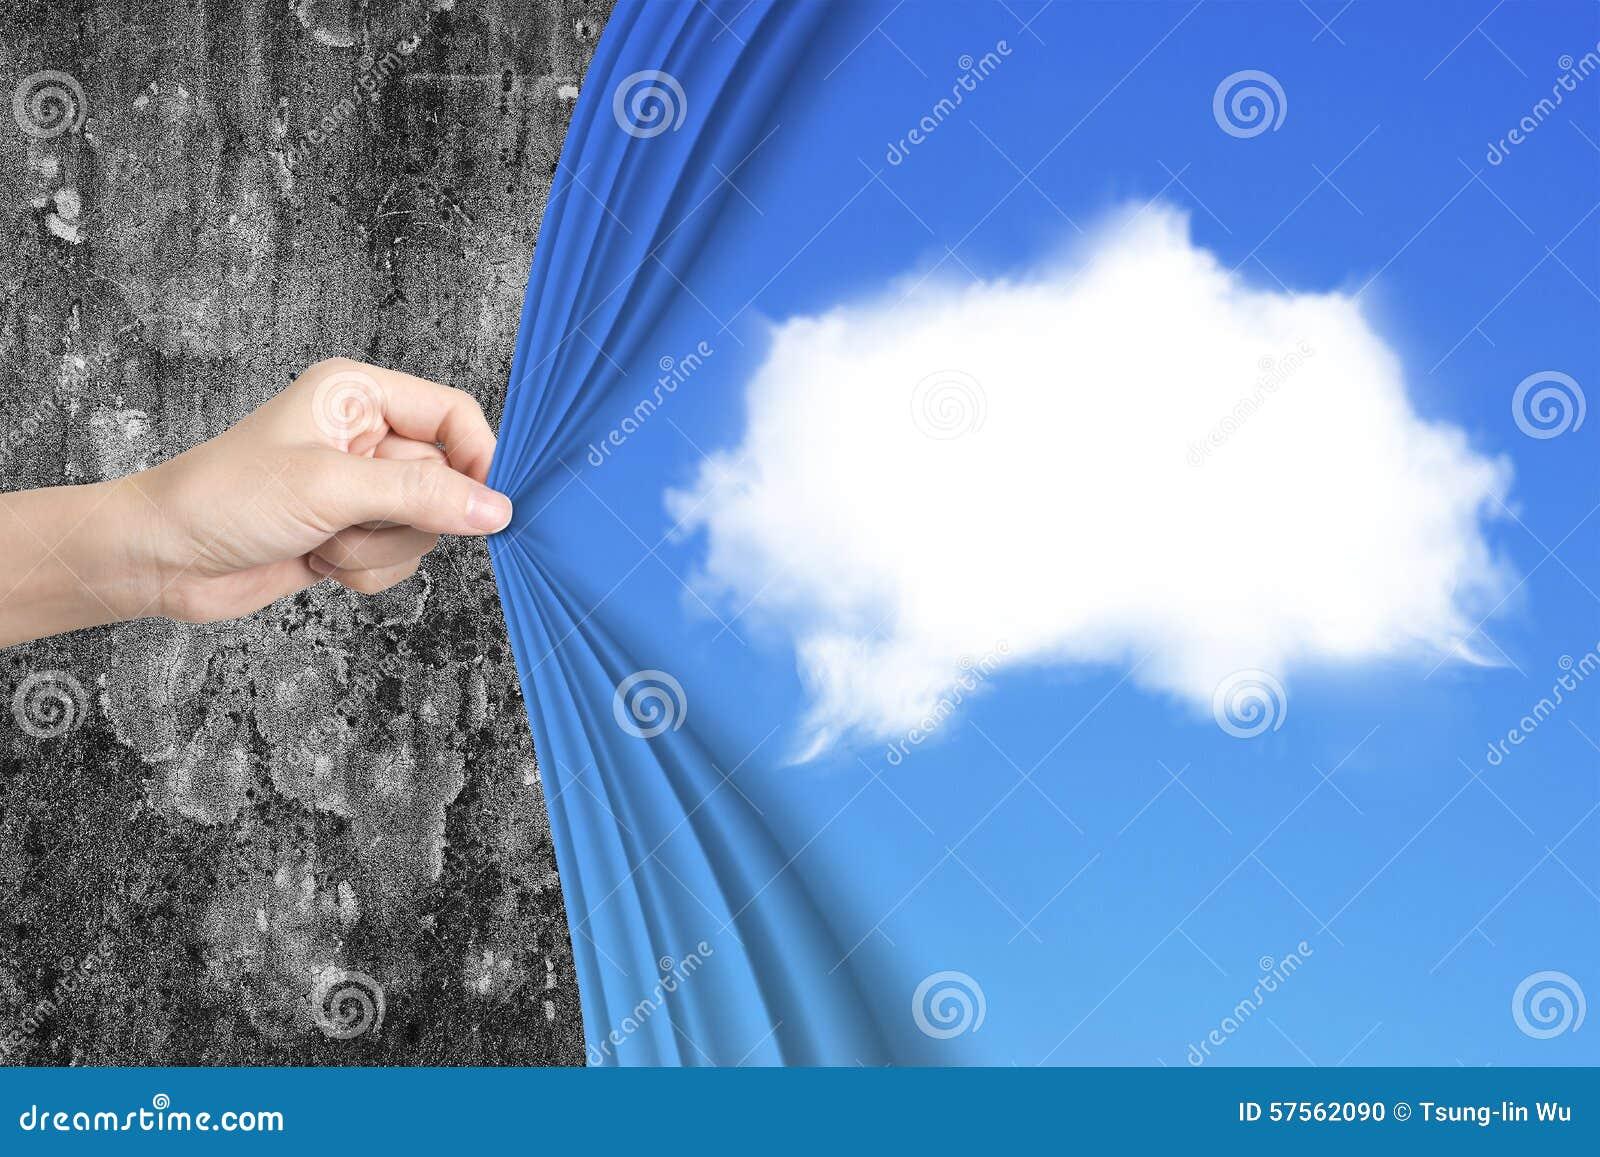 photo stock main de femme tirant le rideau bleu en nuage blanc couvrant vieux mur image